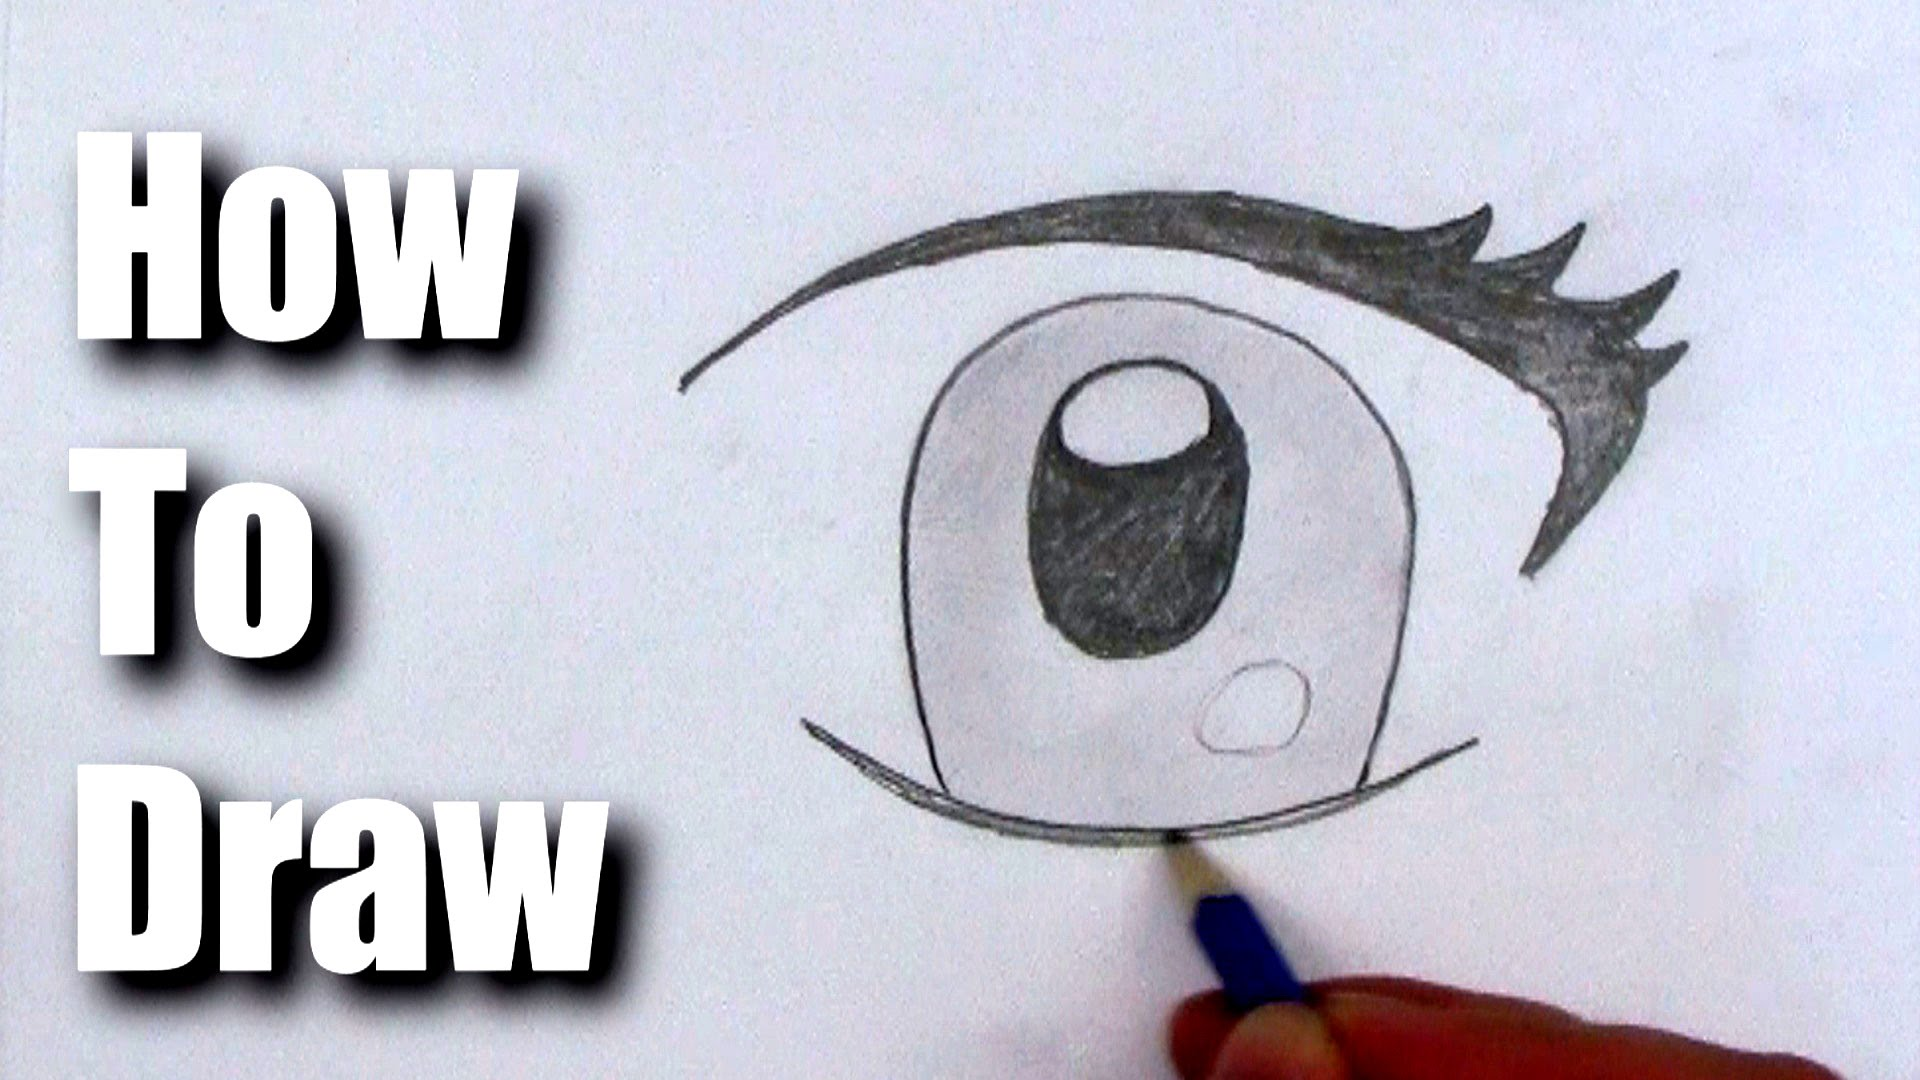 1920x1080 How To Draw A Cartoon Eye